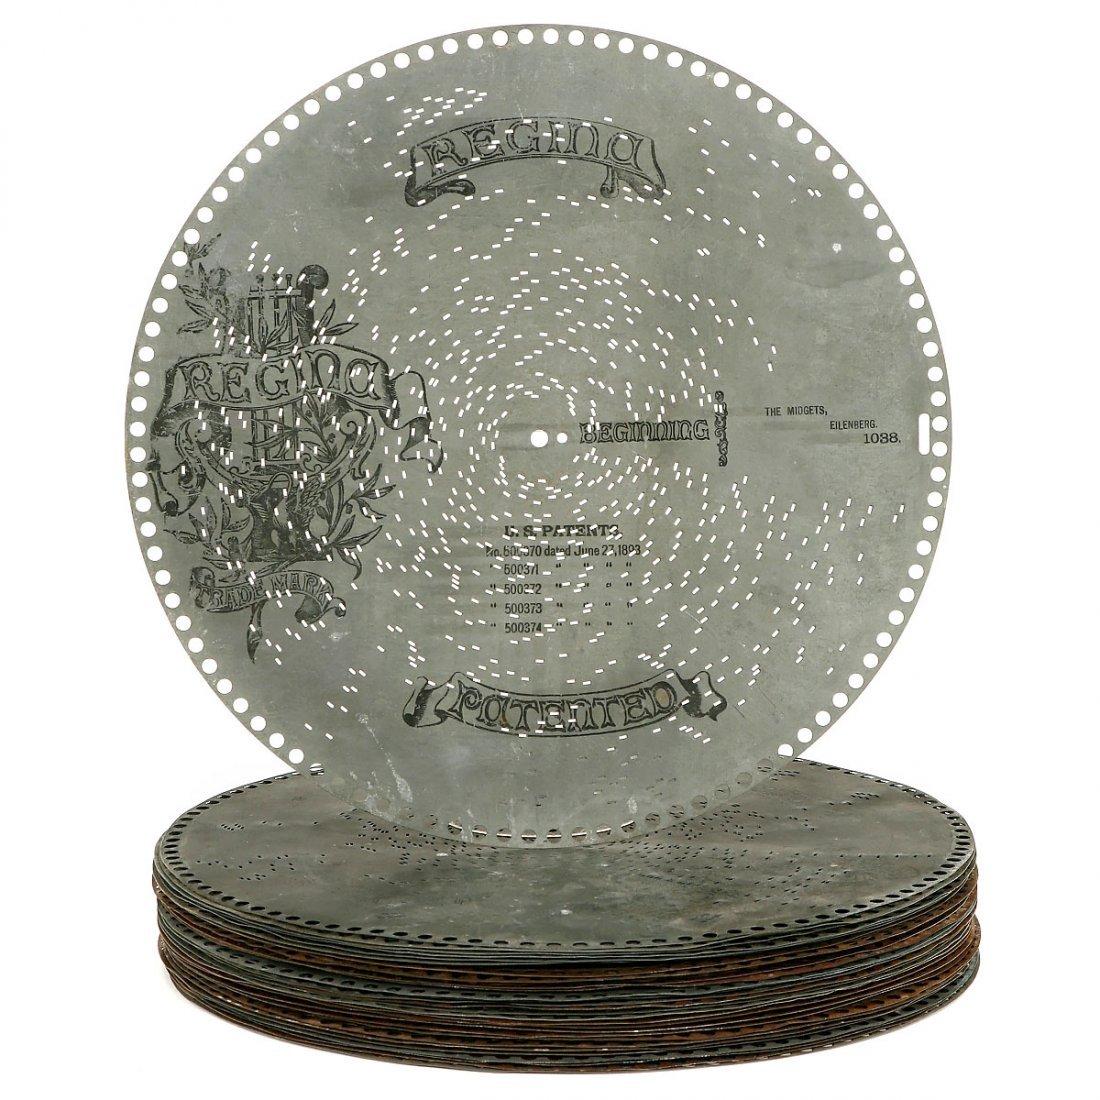 30 Regina Musical Box Ø 15 ½ inch Discs, c. 1900